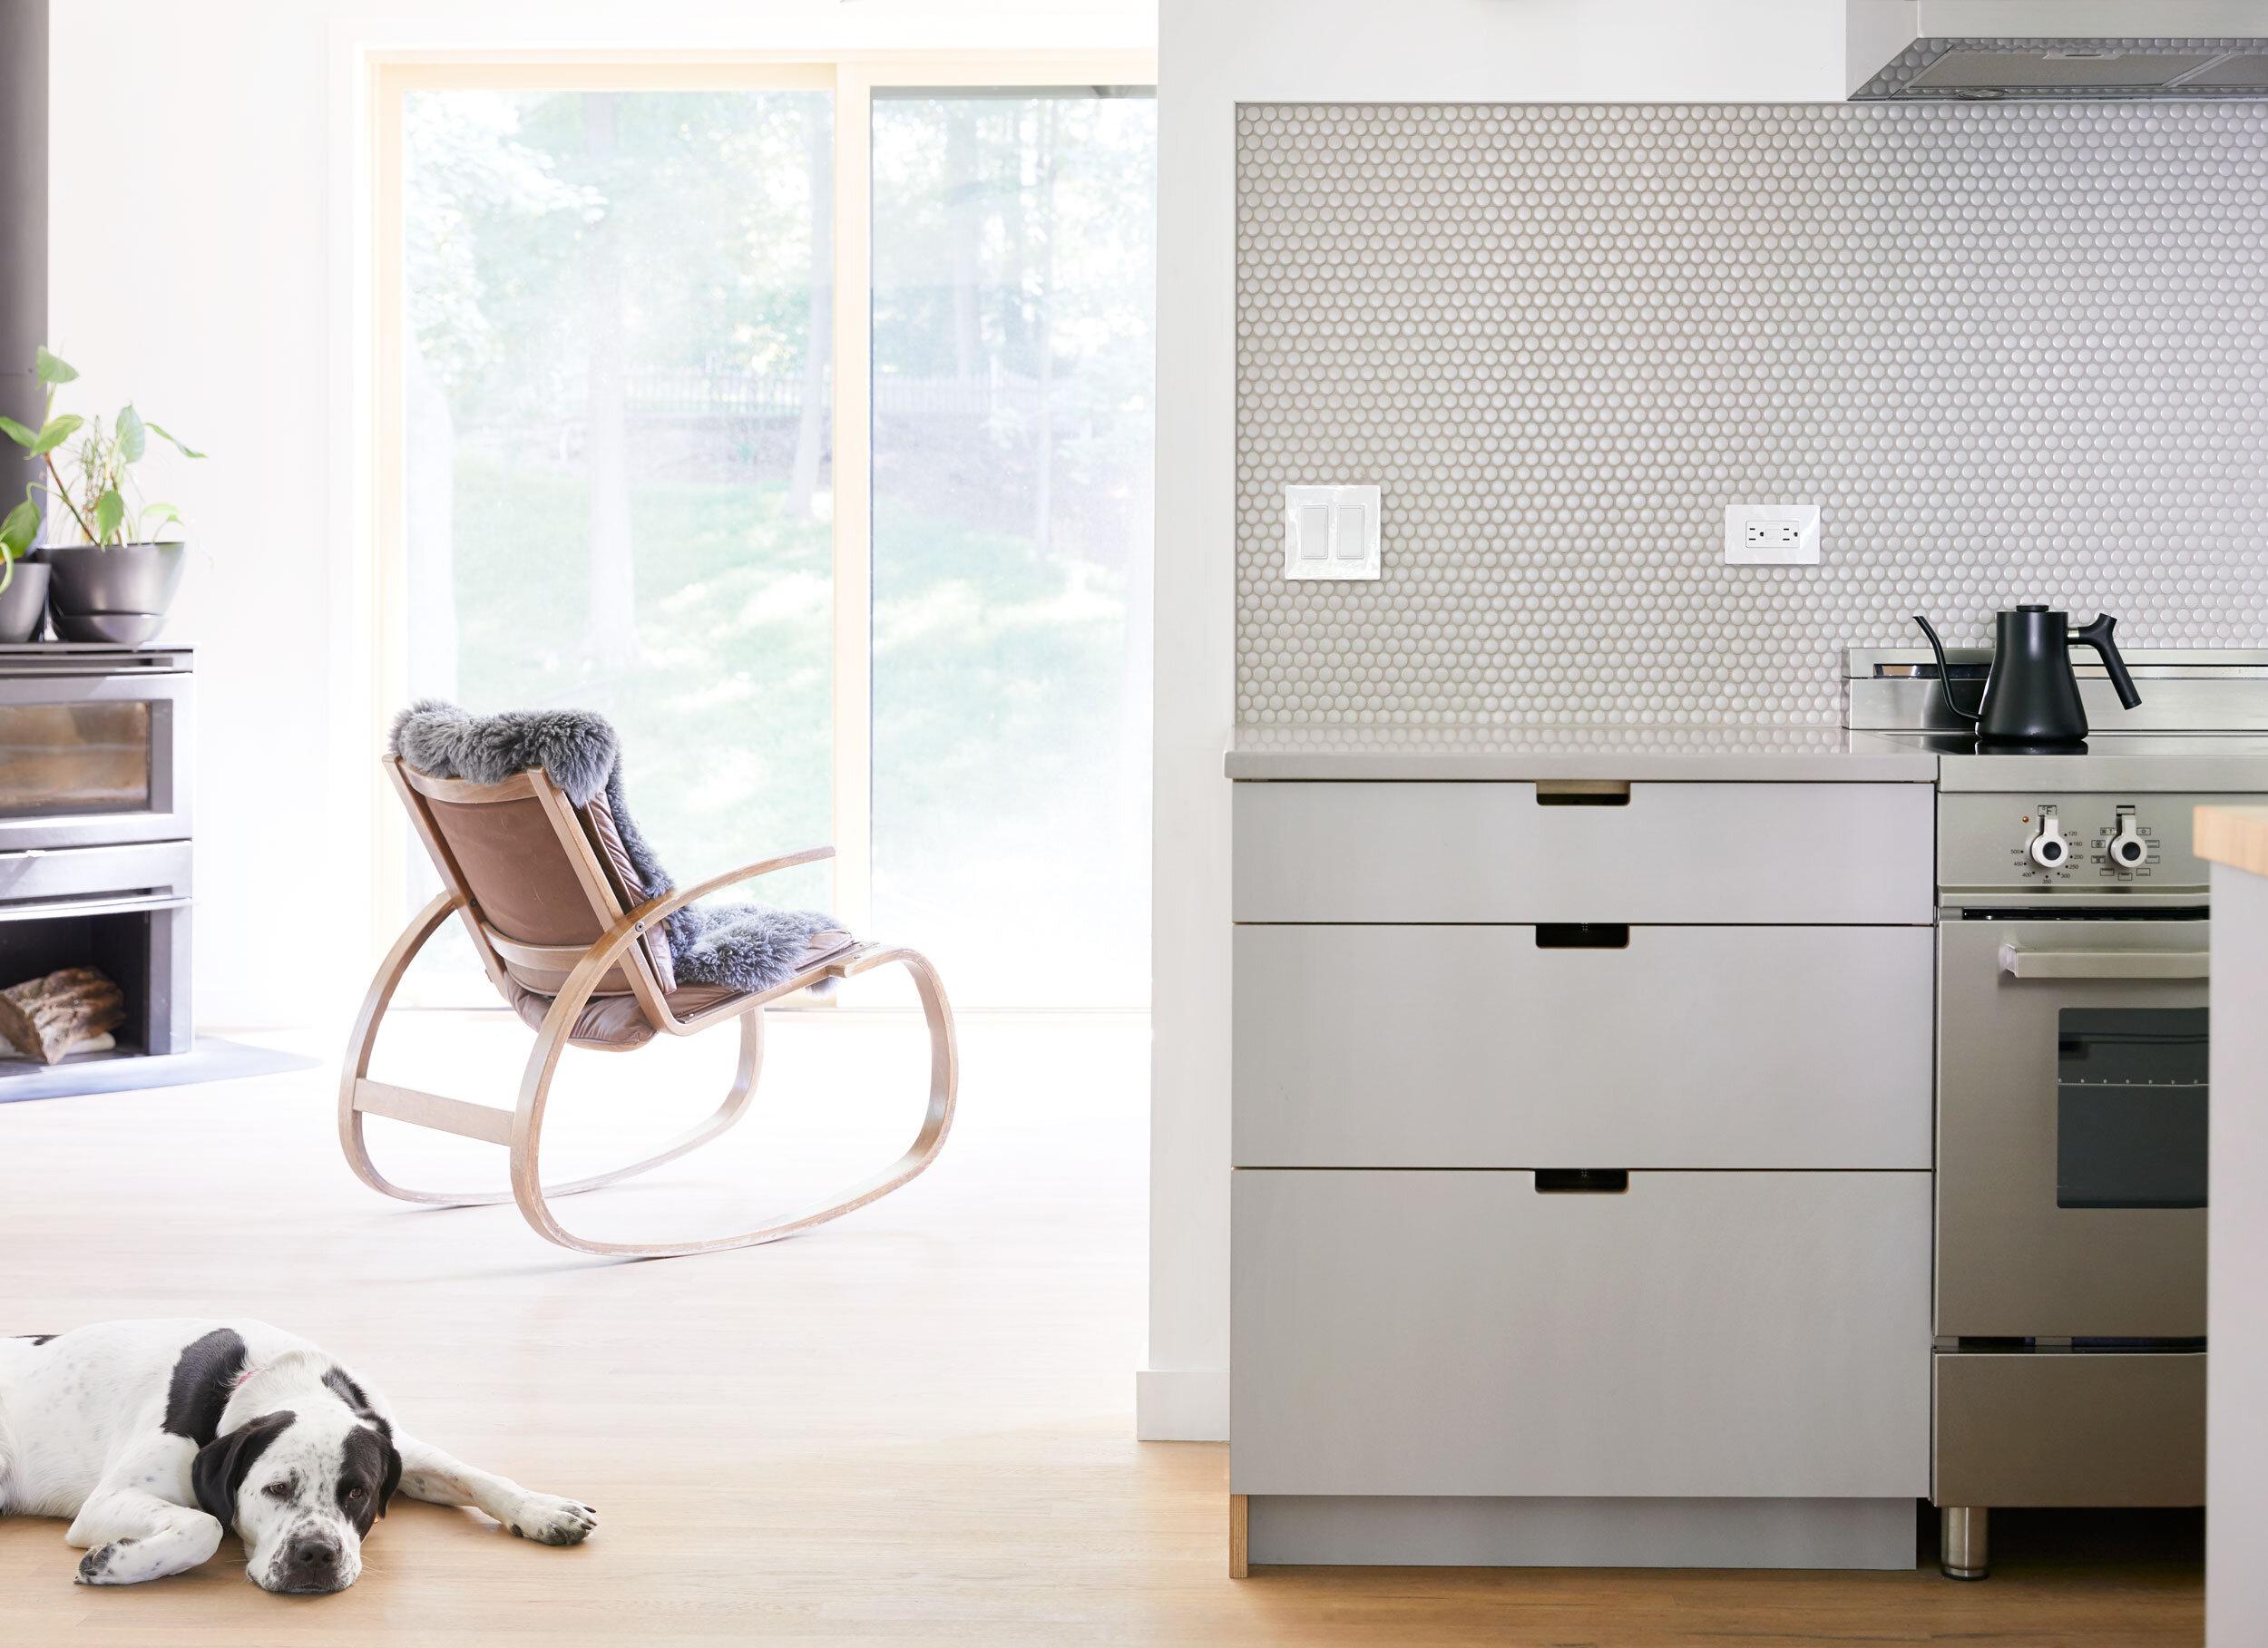 Grey-laminate-kitchen-with-puppy.jpg